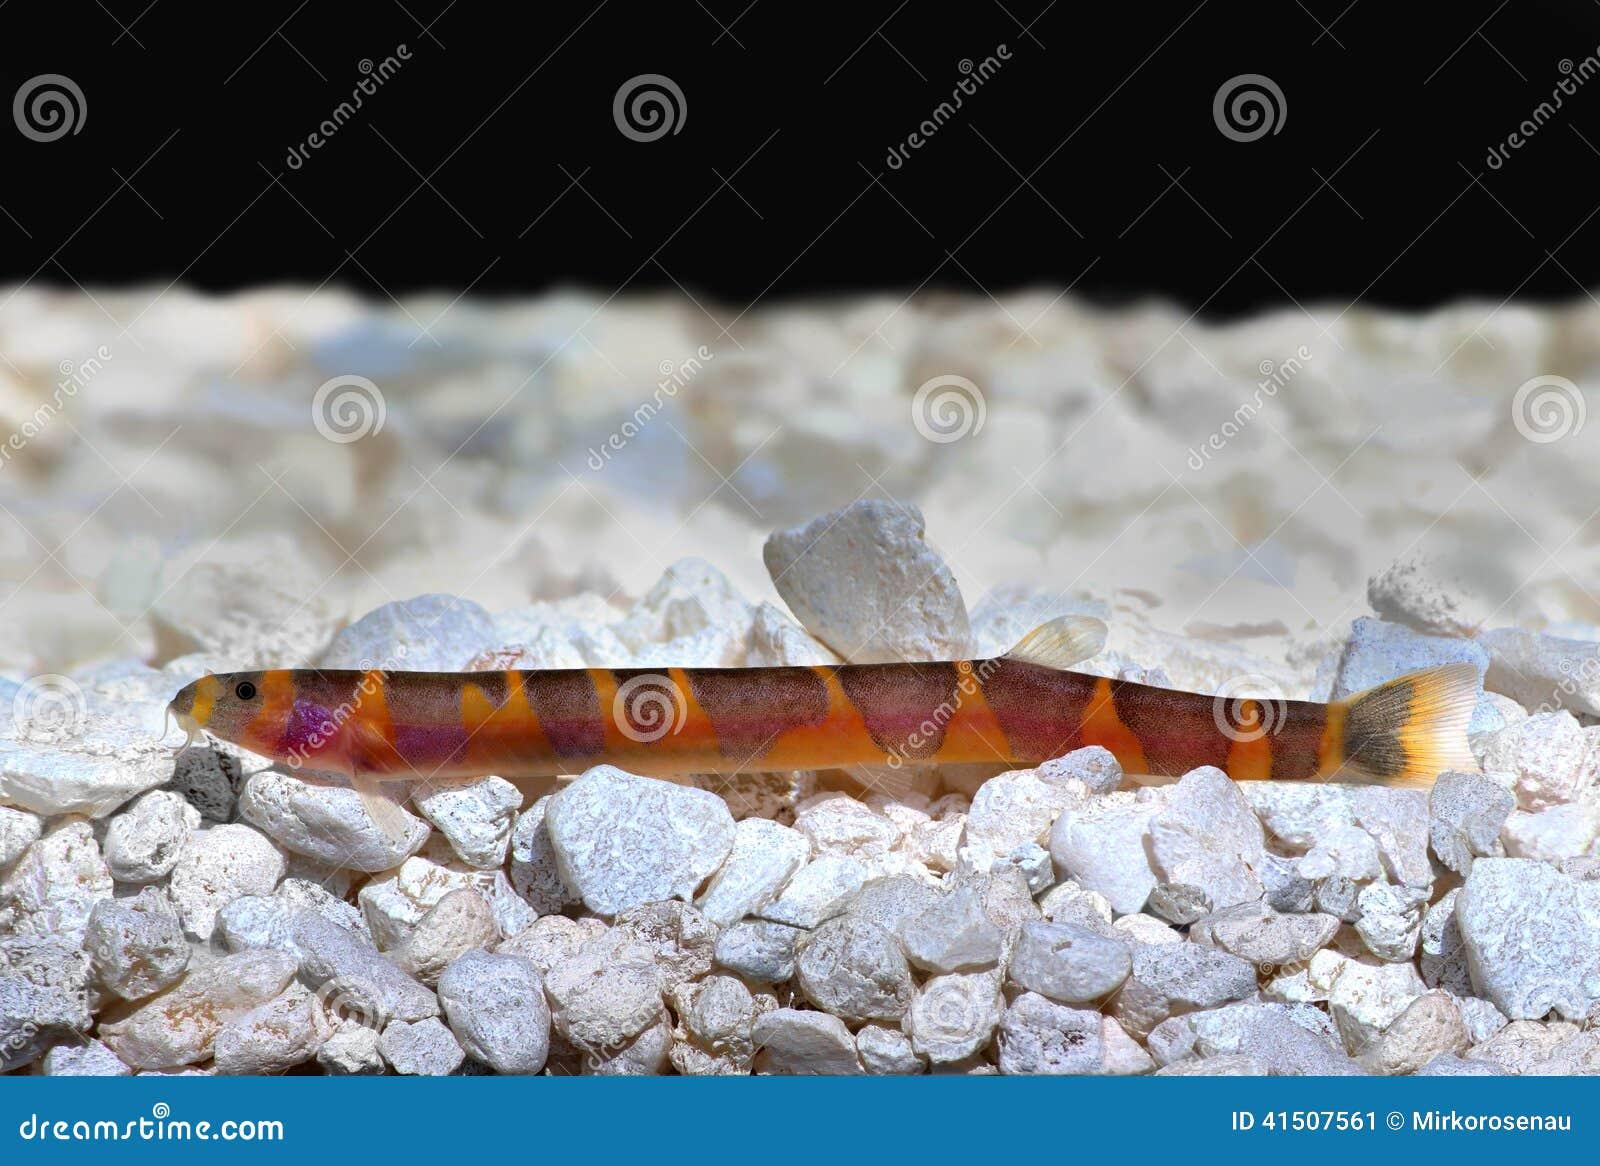 Freshwater aquarium fish loach -  Freshwater Aquarium Fish Kuhli Loach Catfish Pangio Kuhlii Stock Image